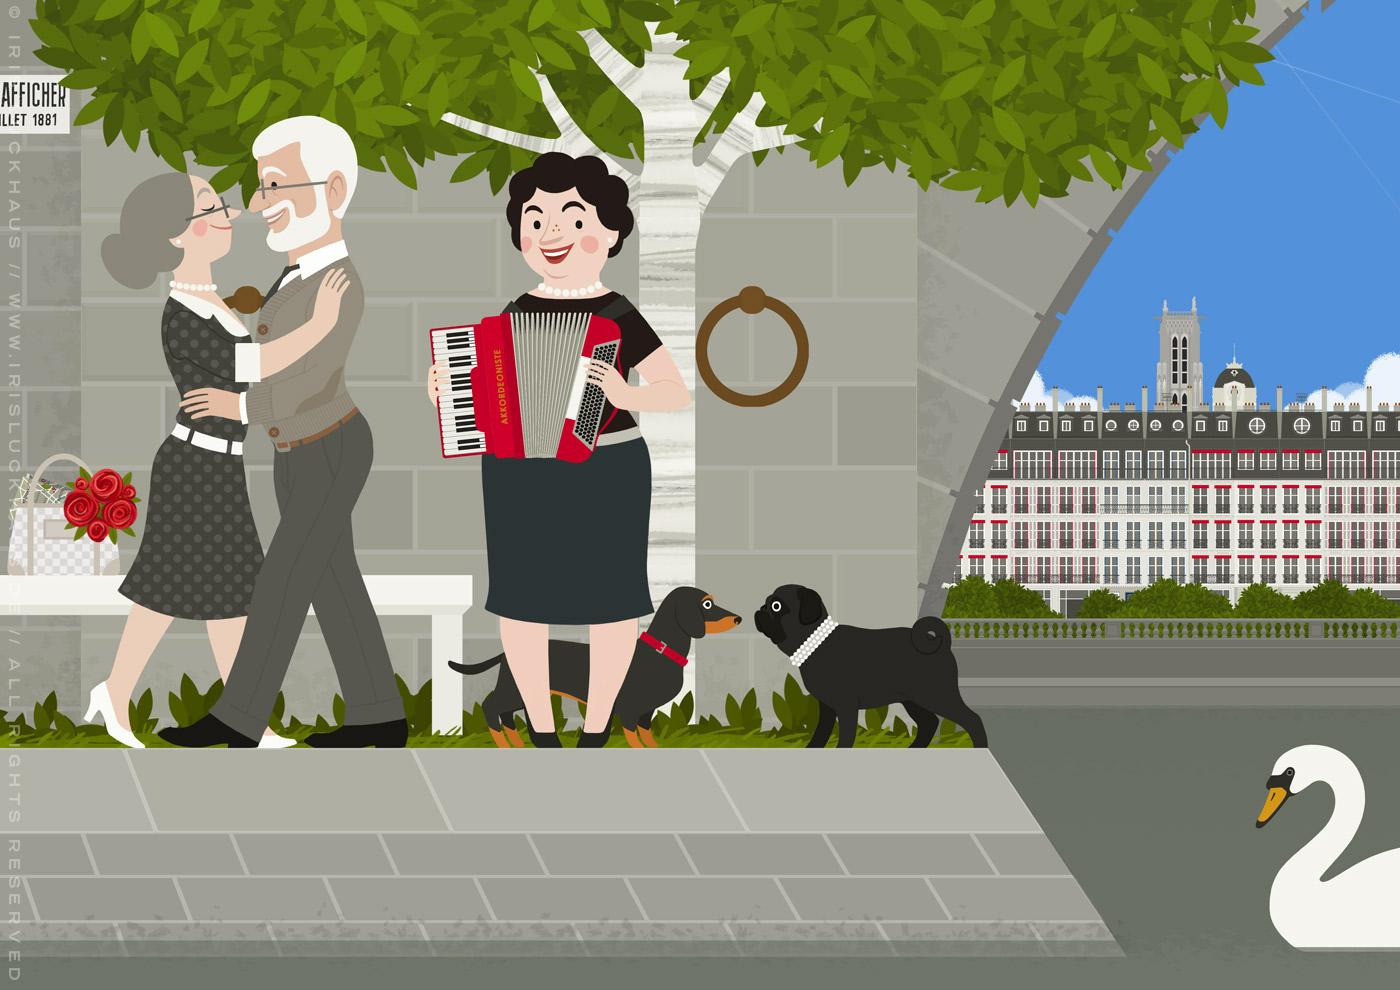 Zeichnung eines alten Pärchens mit Dackel, das bei einem Spaziergang durch Paris auf den Quais der Seine eine Akkordeonistin mit Mops trifft und bei deren Musik einen Tanz wagt